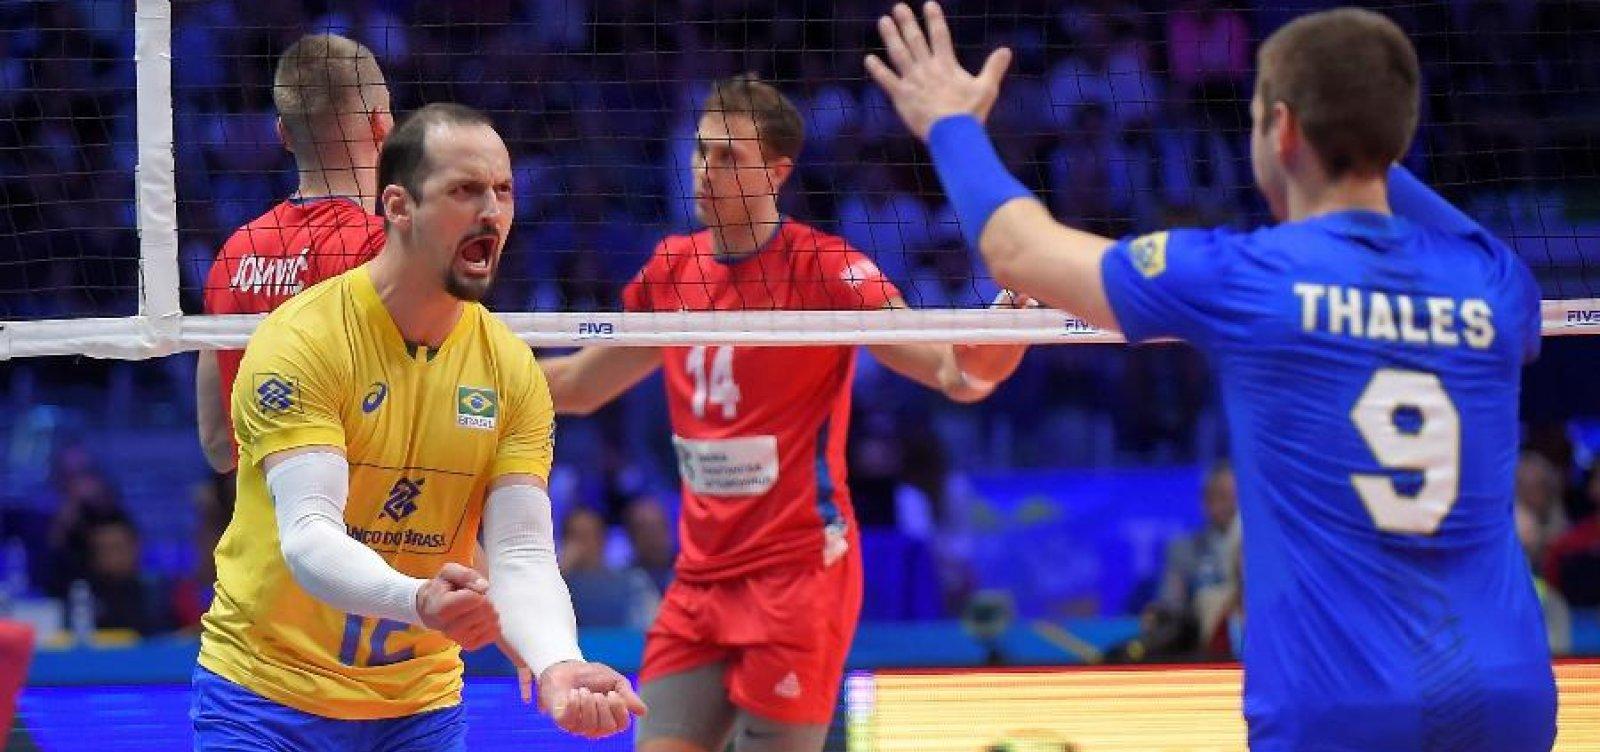 Brasil vence Sérvia com folga e decide Mundial de vôlei pela quinta vez consecutiva